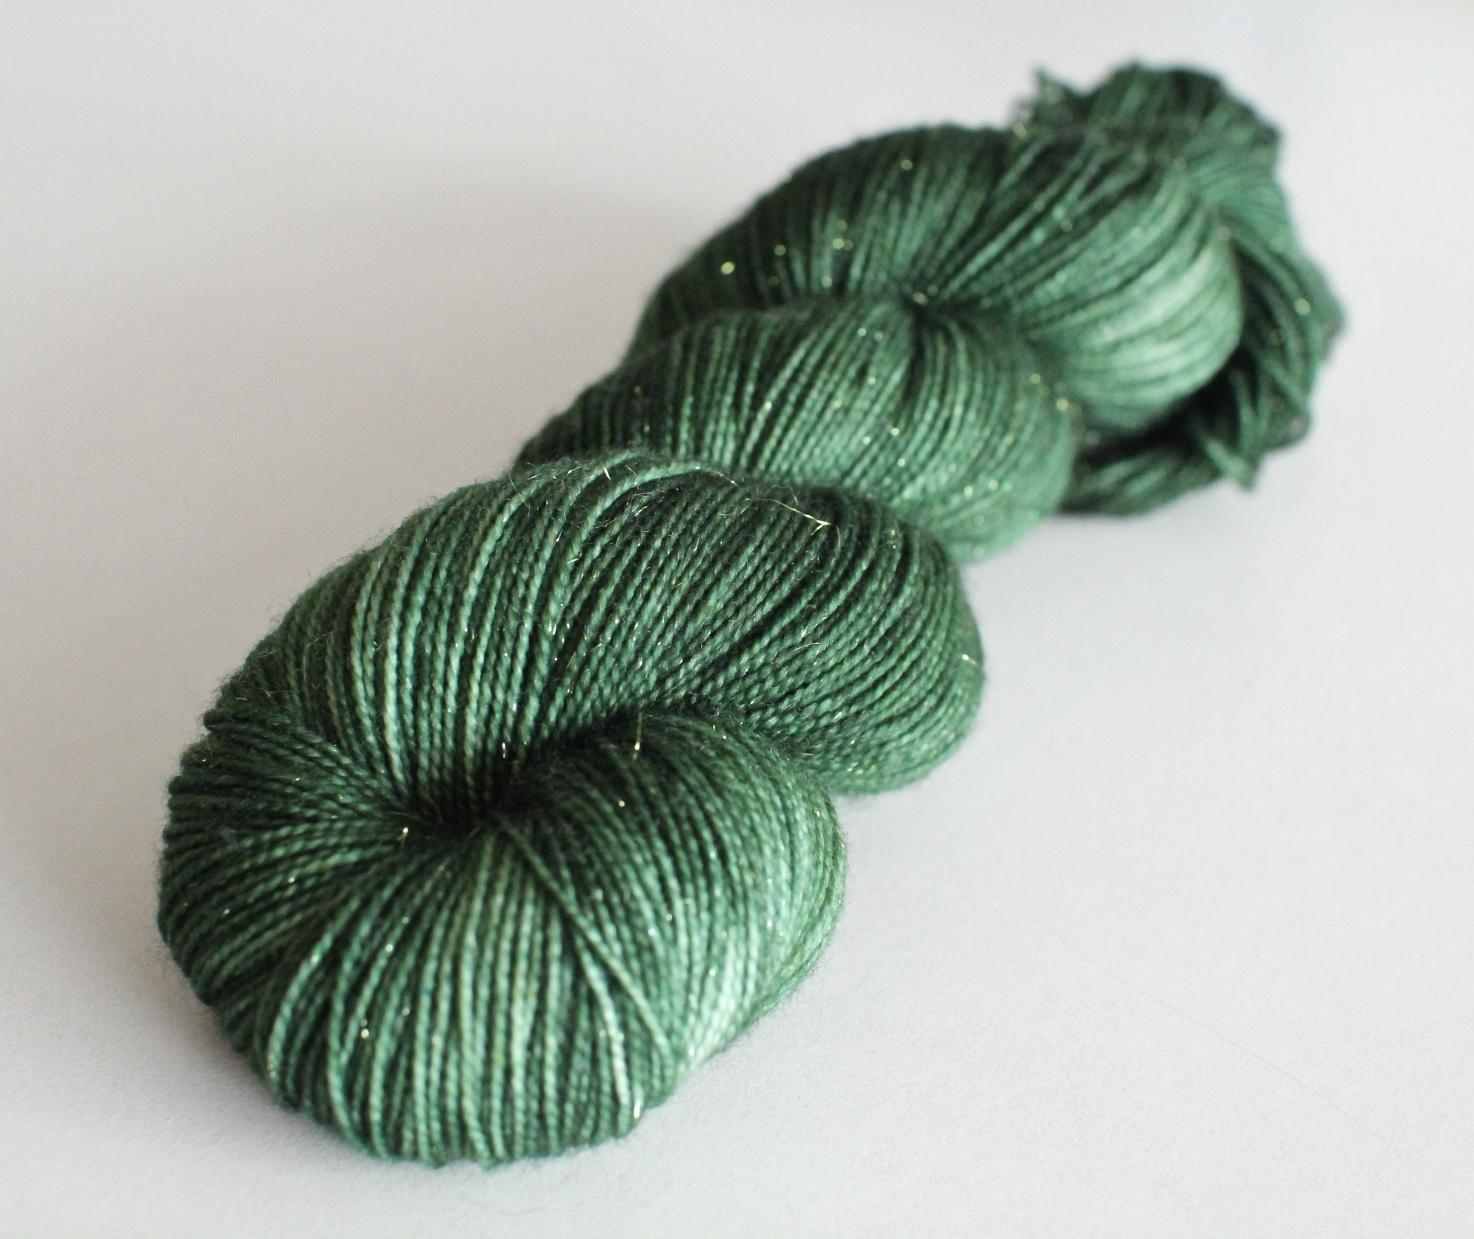 Enchanted Fern